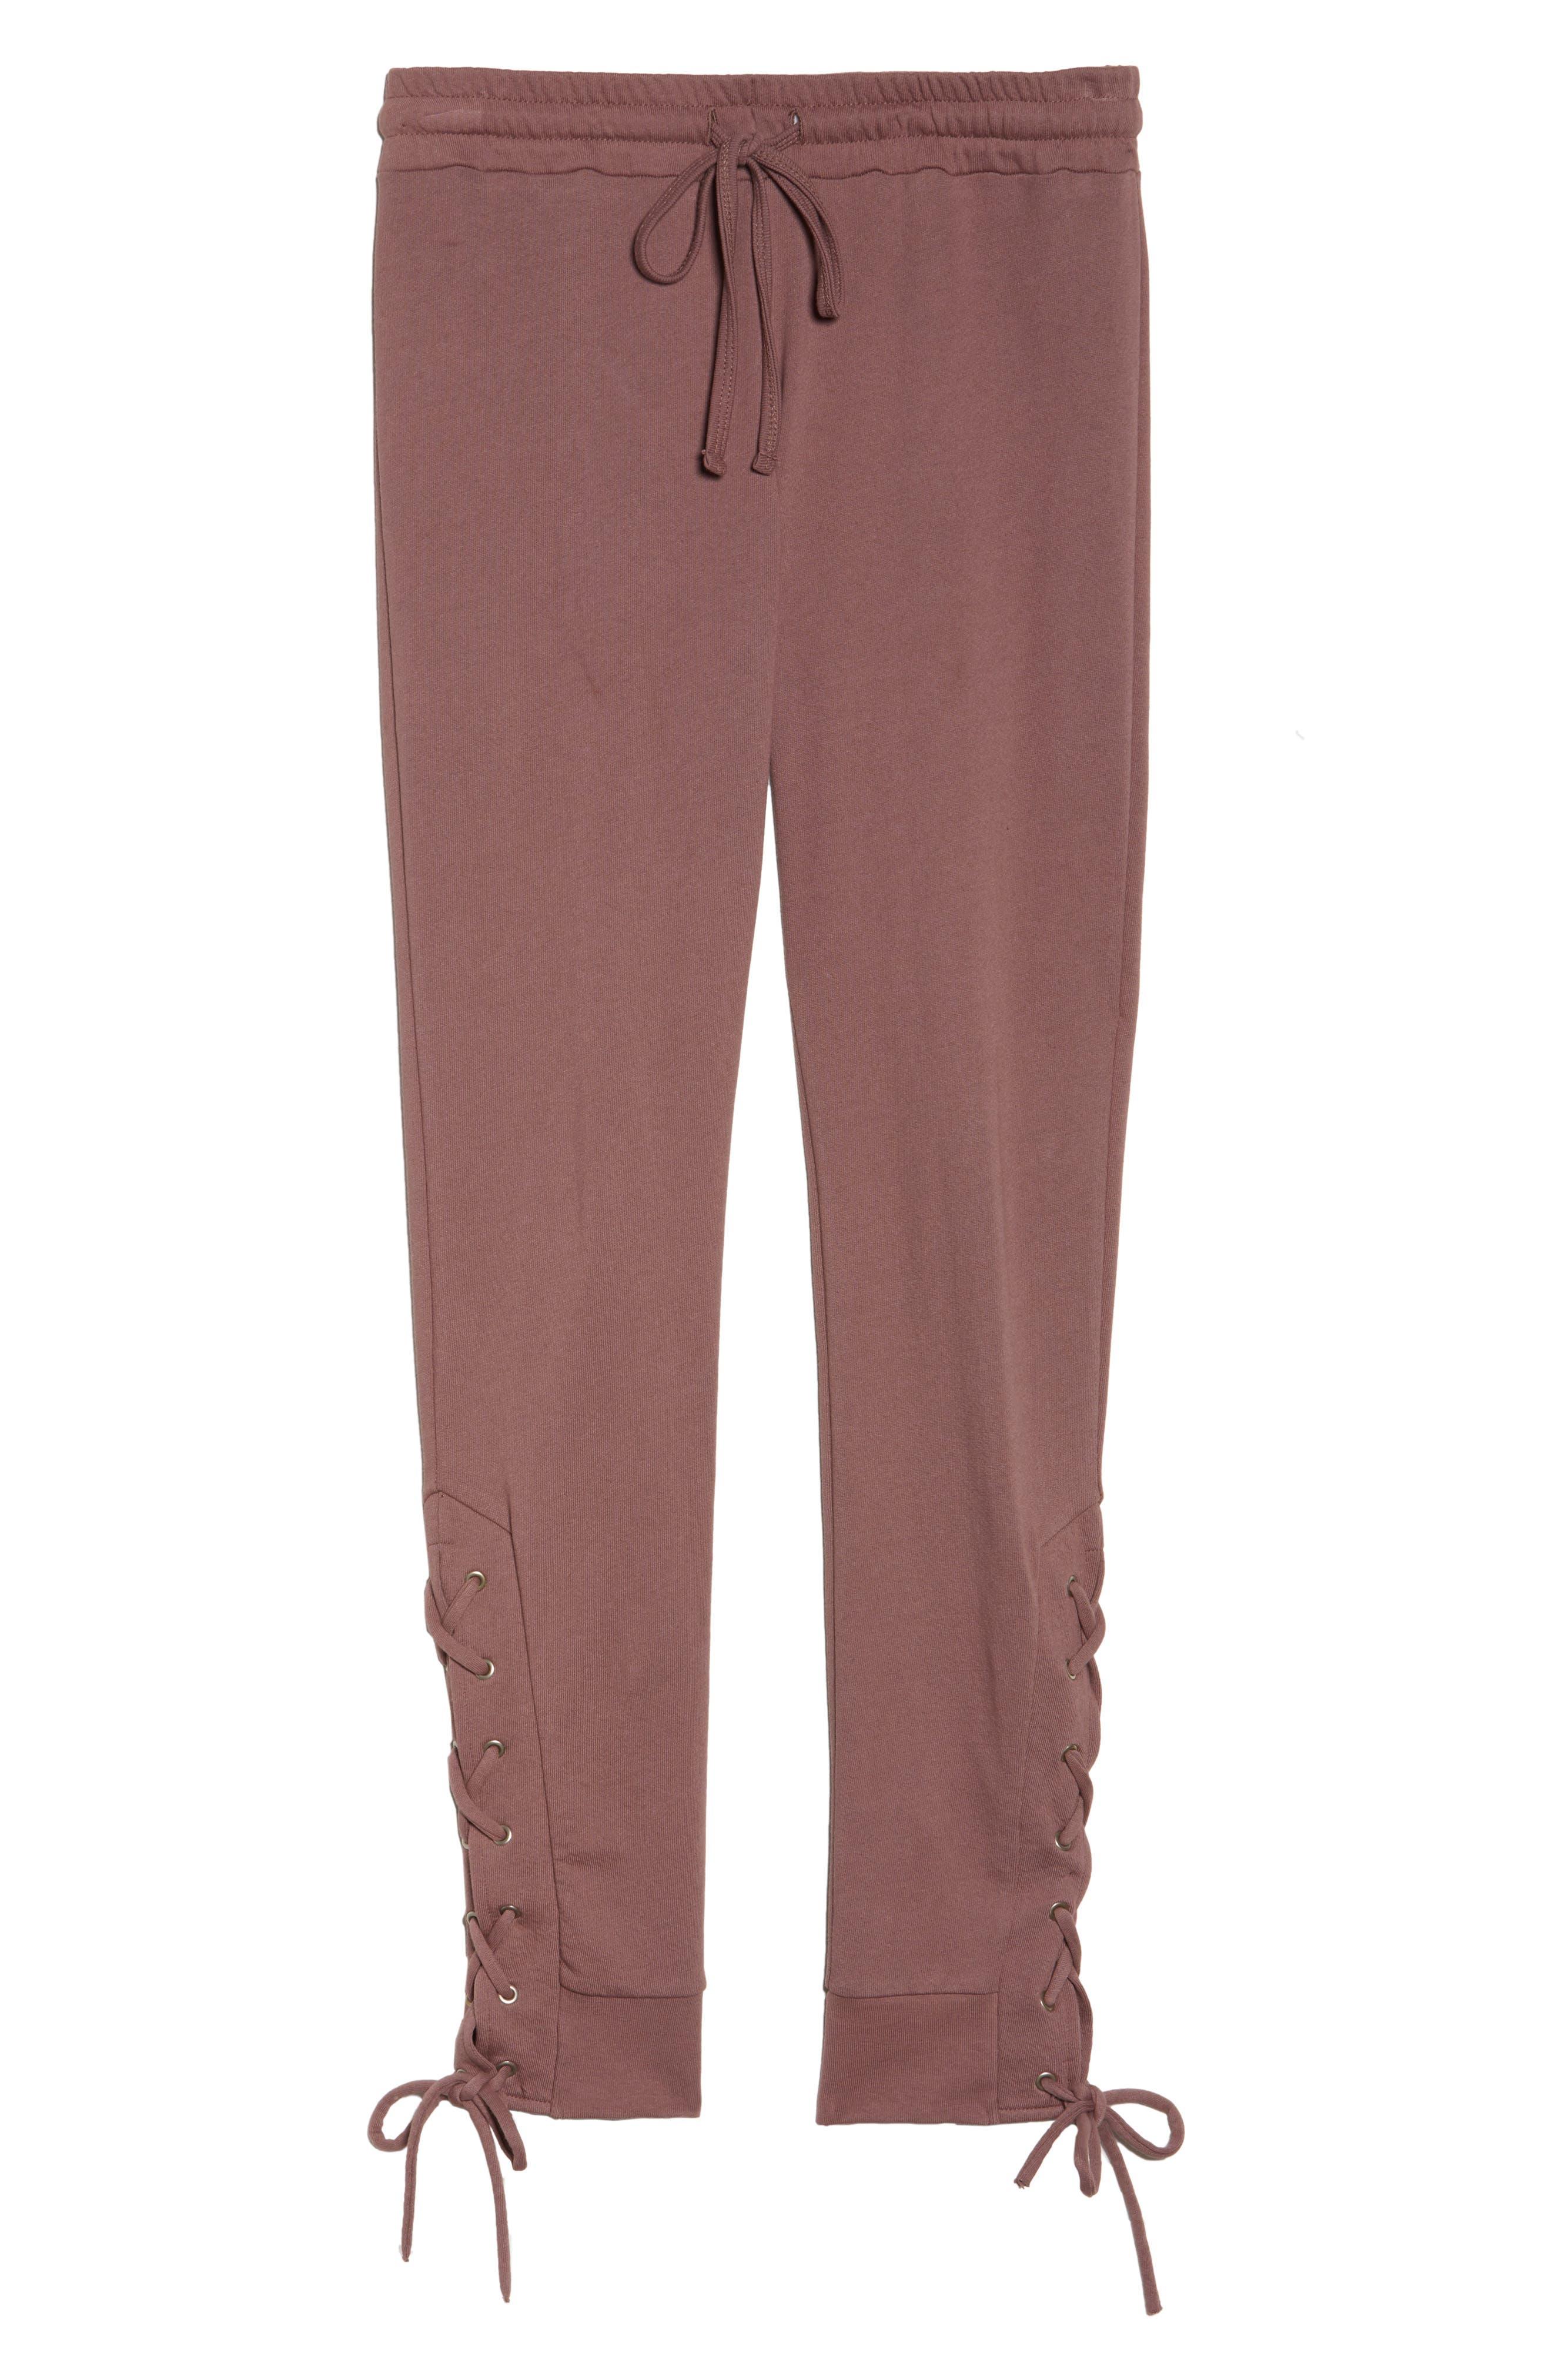 Lace Up Lounge Pants,                             Alternate thumbnail 12, color,